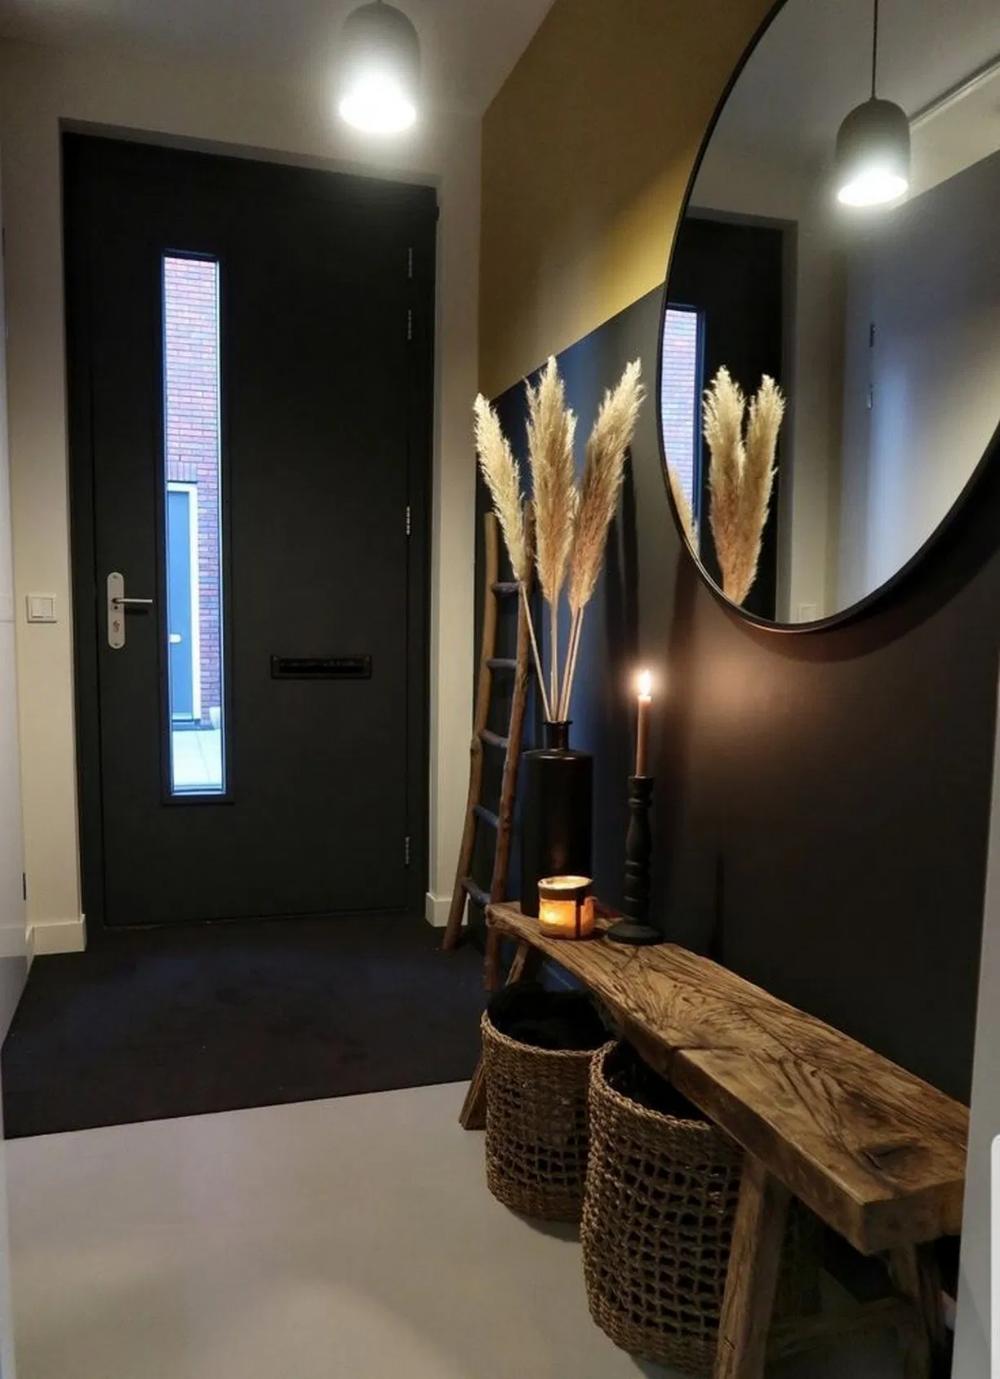 50 Small Entryway Decor Ideas 2020 4 Inspira Entrywayideas Entrywaydecor Home Apartment Decorating